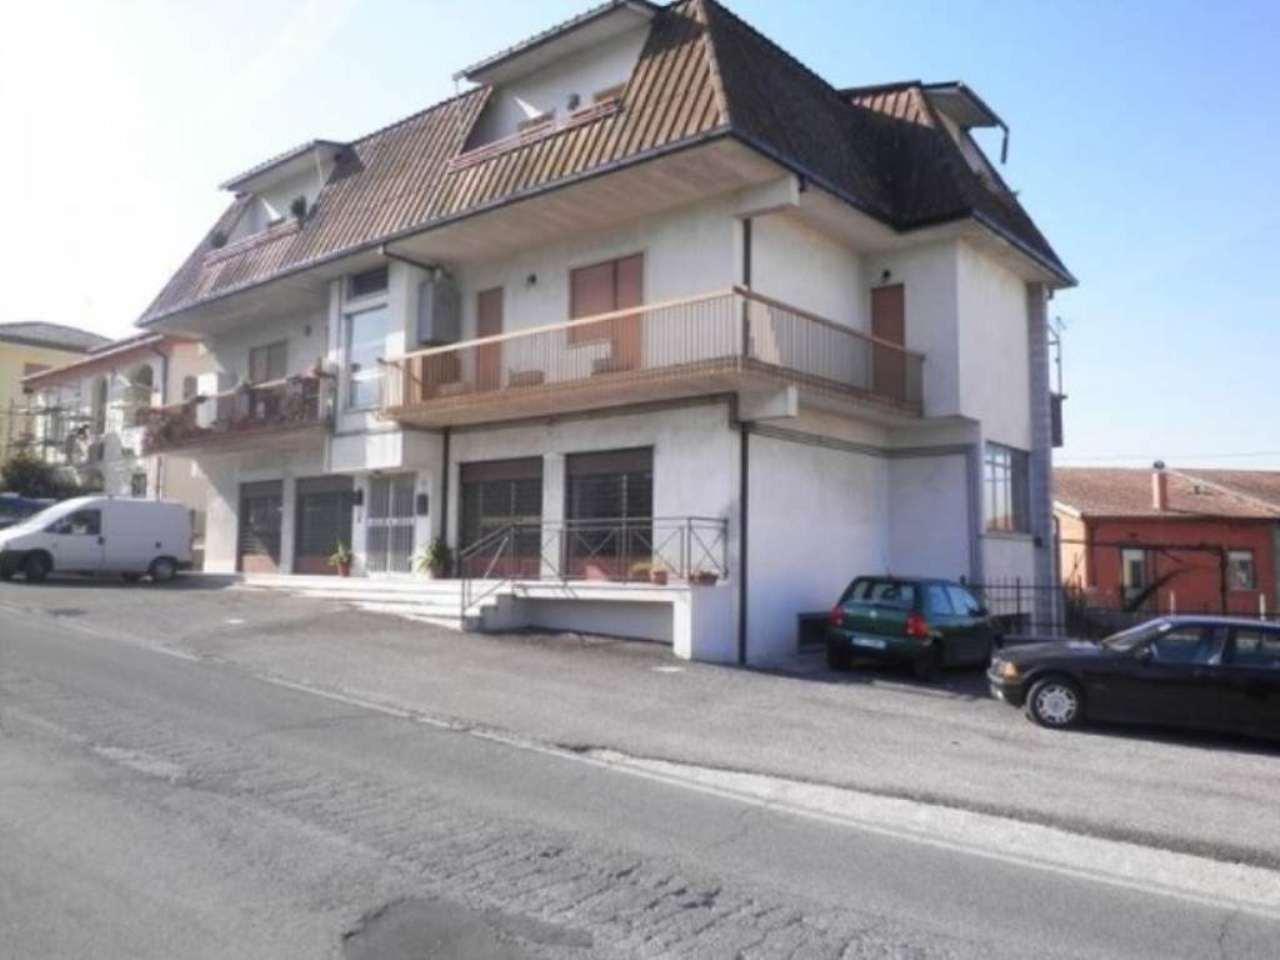 Negozio / Locale in vendita a Poggio Mirteto, 3 locali, prezzo € 180.000 | Cambio Casa.it